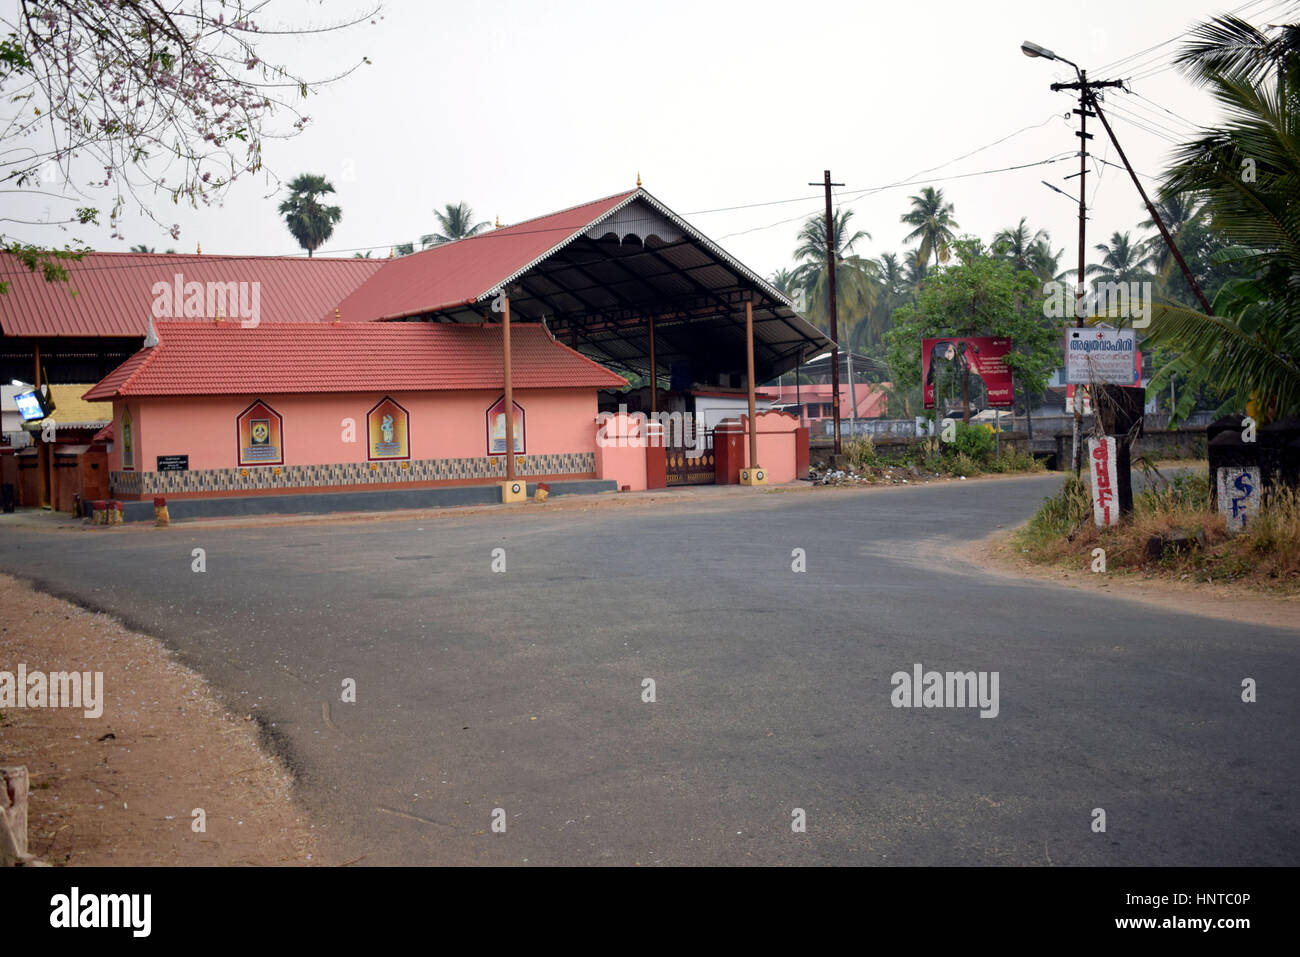 2 Séparation des routes dans un village sur le côté par d'un temple en Inde Photo Stock